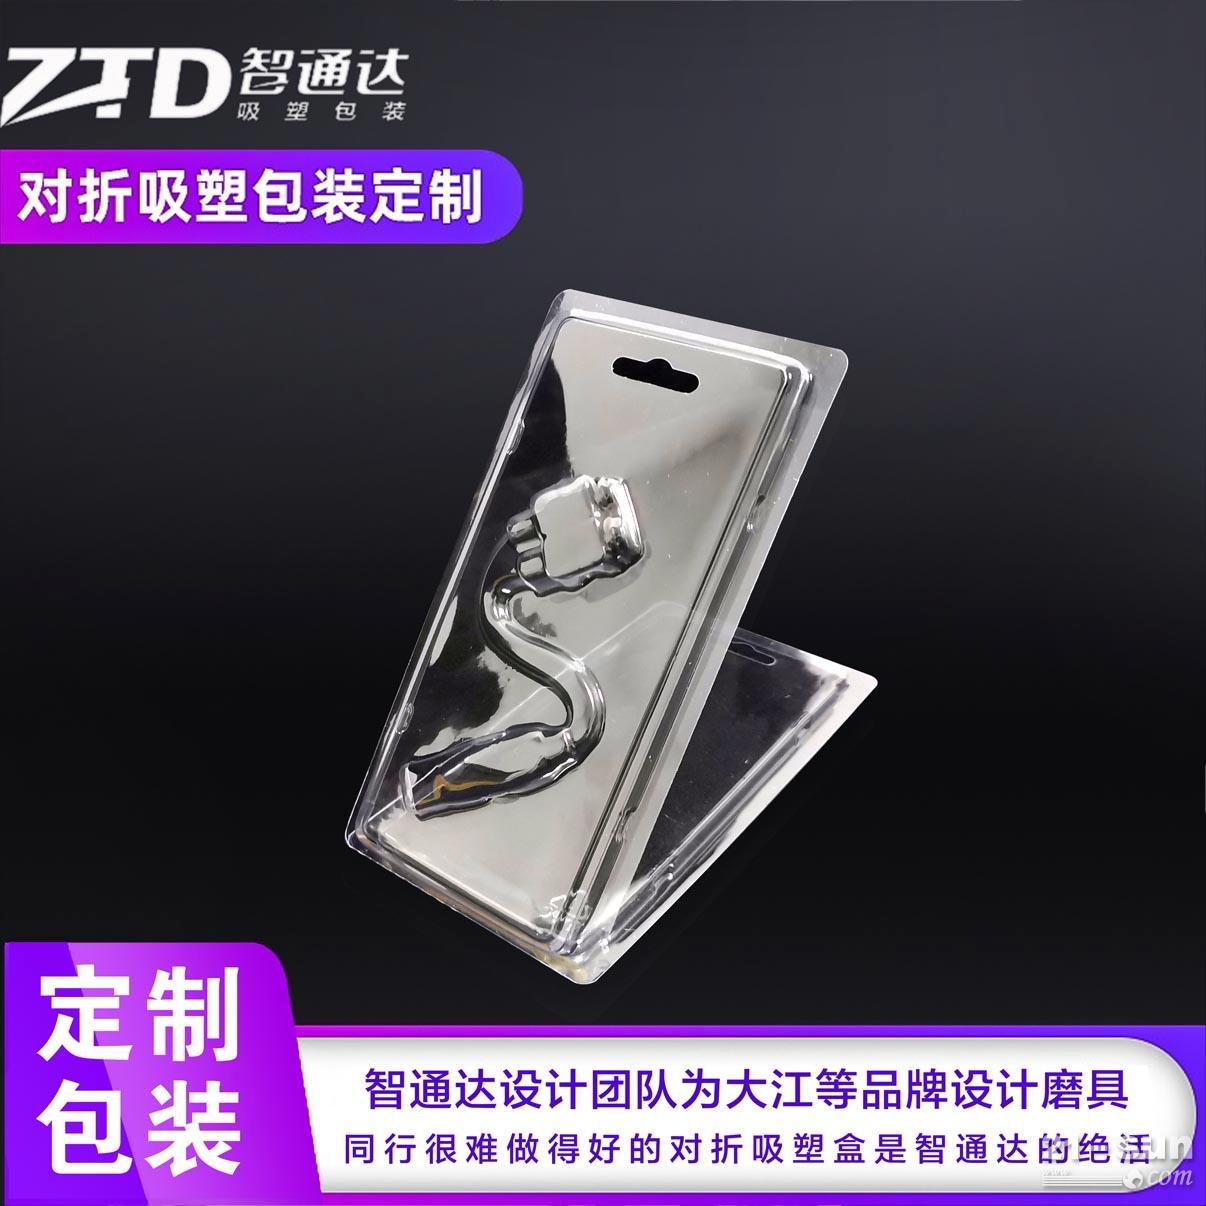 深圳吸塑包装厂家-为大江等品牌设计磨具-智通达吸塑包装厂